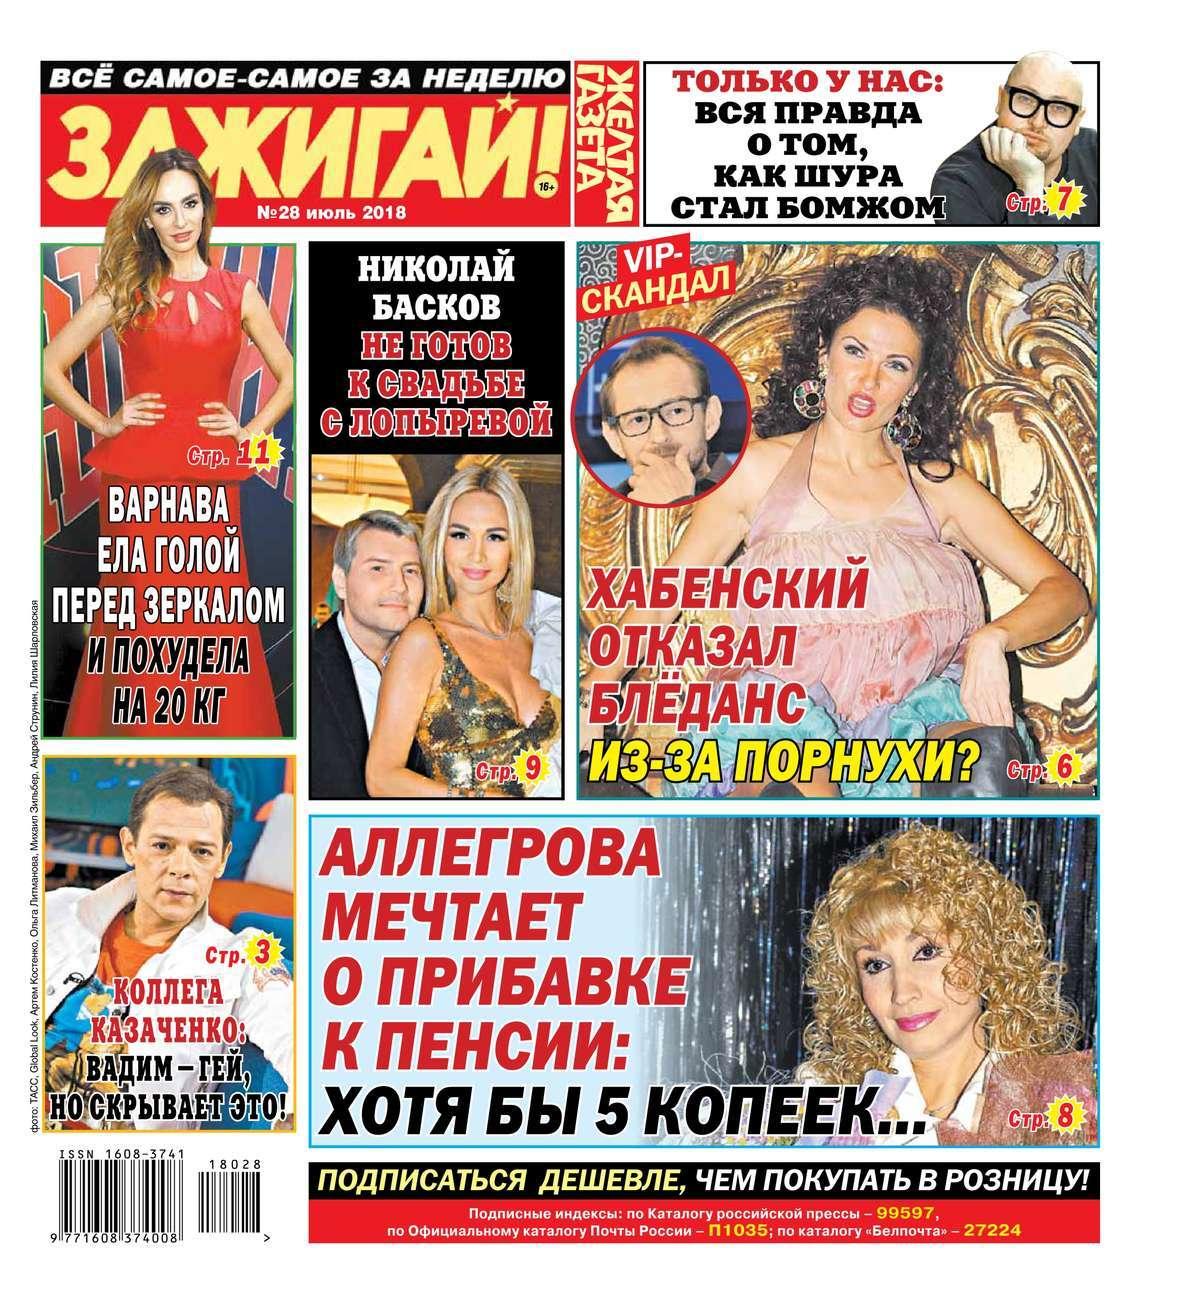 Желтая Газета. Зажигай! 28-2018